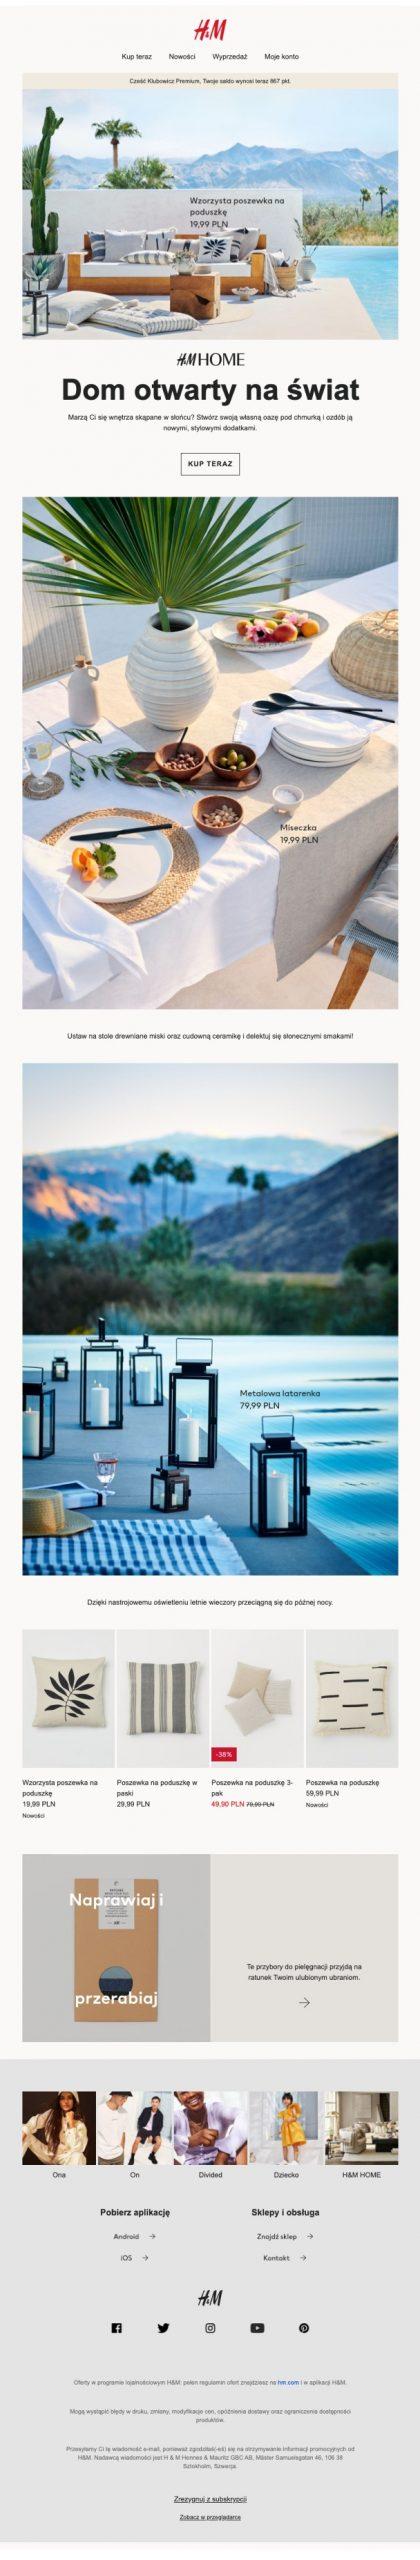 newsletter przykład użycia ładnych zdjęć, H&M